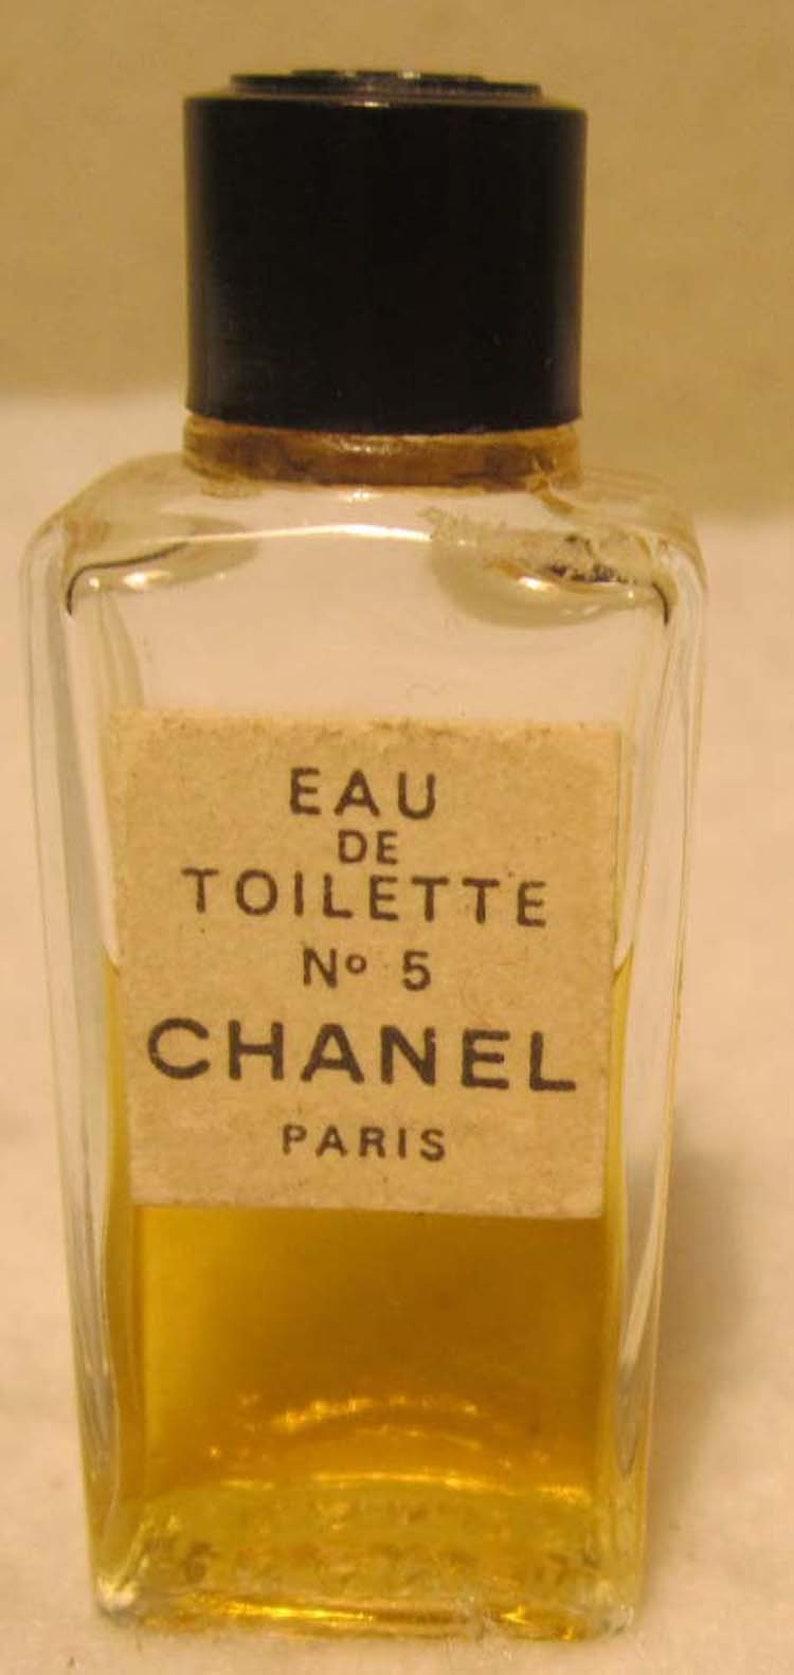 8a367a99 Vintage Splash Eau De Toilette No 5 Chanel Paris Miniature Bottle Black  Plastic Chanel Screw Top